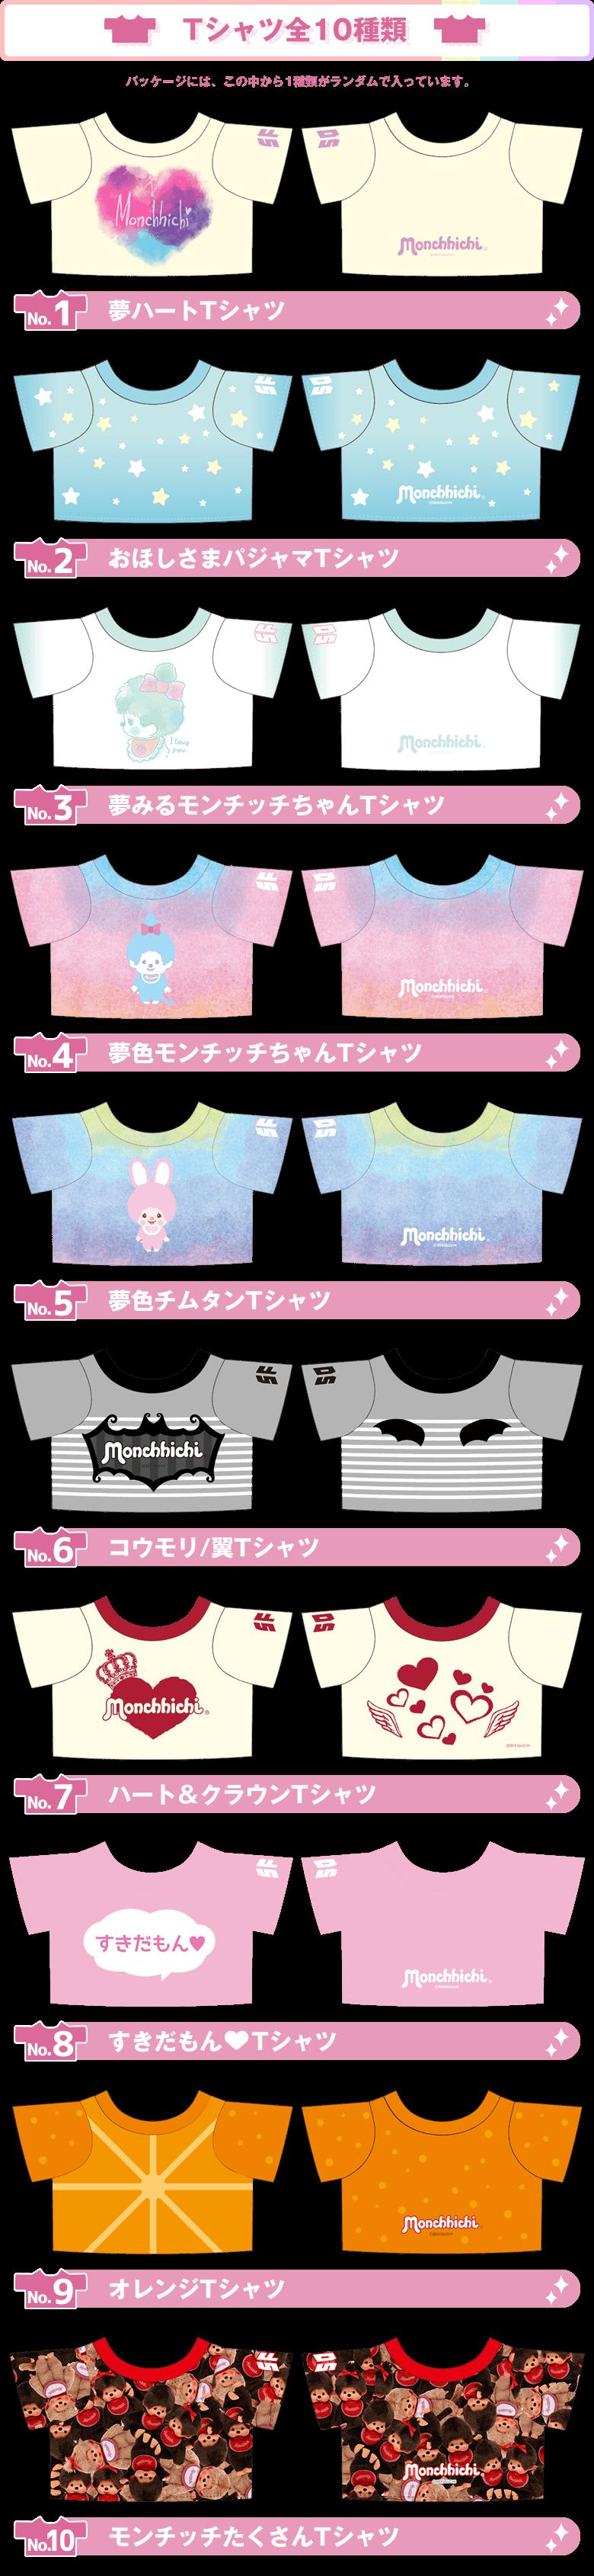 モンチッチTシャツコレクション Mサイズ 全10種類